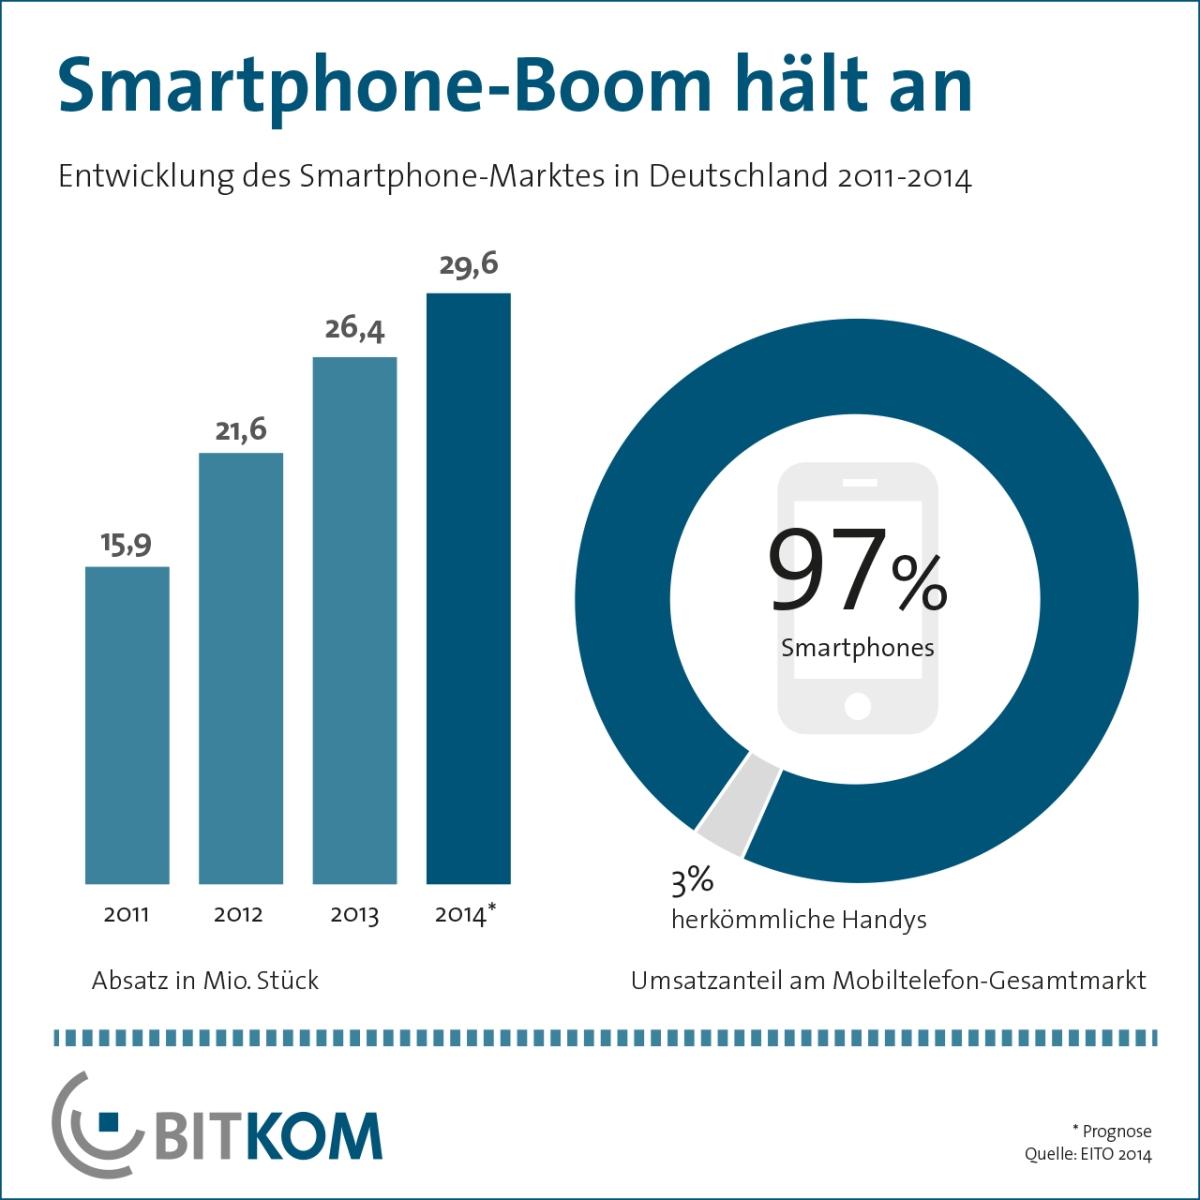 Prognose - Absatz von 30 Millionen Smartphones für 2014 in Deutschland erwartet